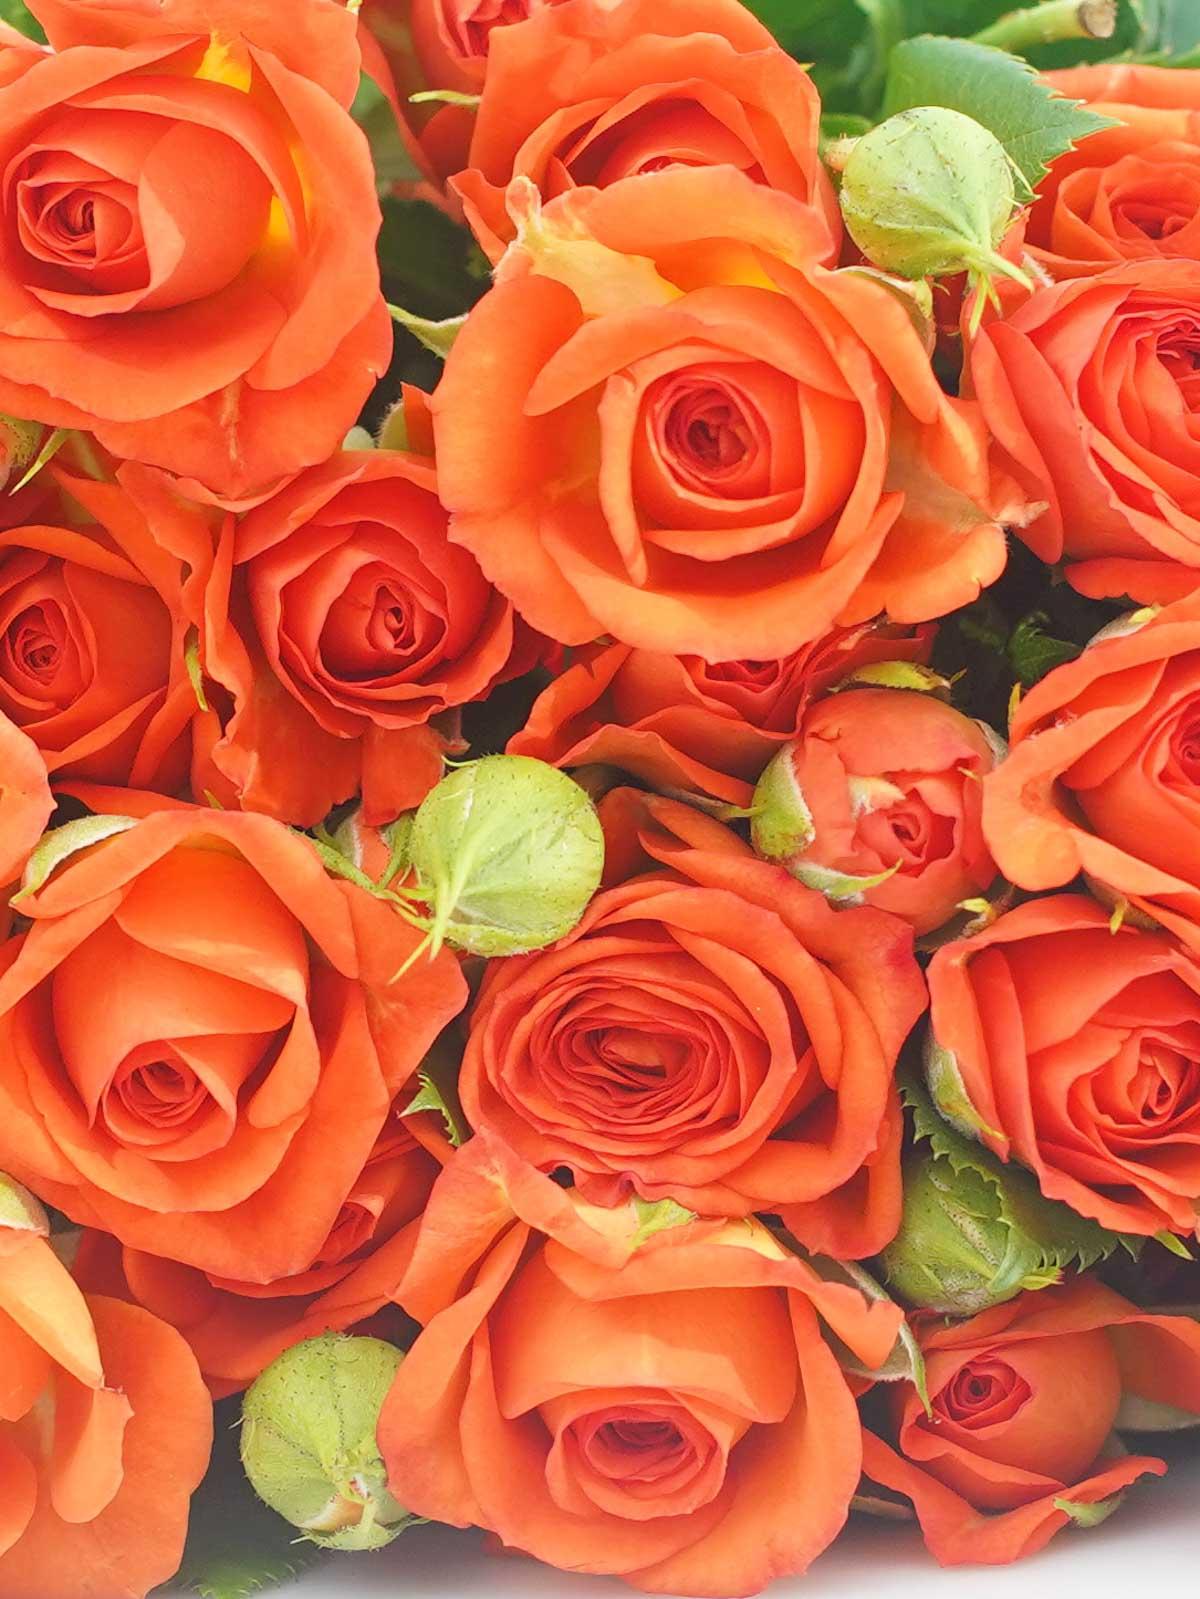 بيبي روز برتقالي ' الزهور بالجملة زهور مقطوفة